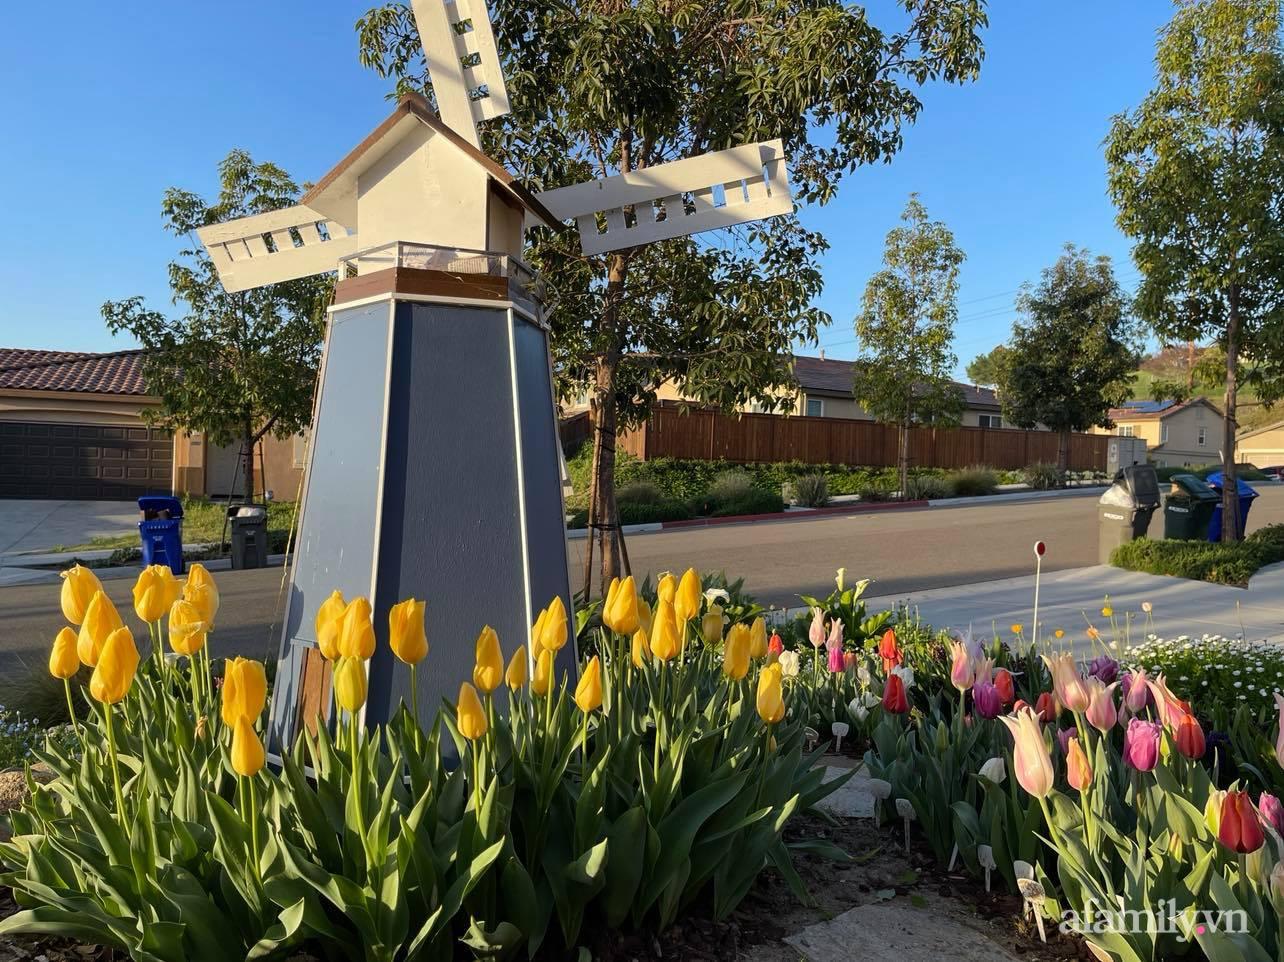 Khu vườn 750m² muôn hoa khoe sắc tỏa hương của mẹ Việt thức đêm chăm cây ở Mỹ - Ảnh 7.